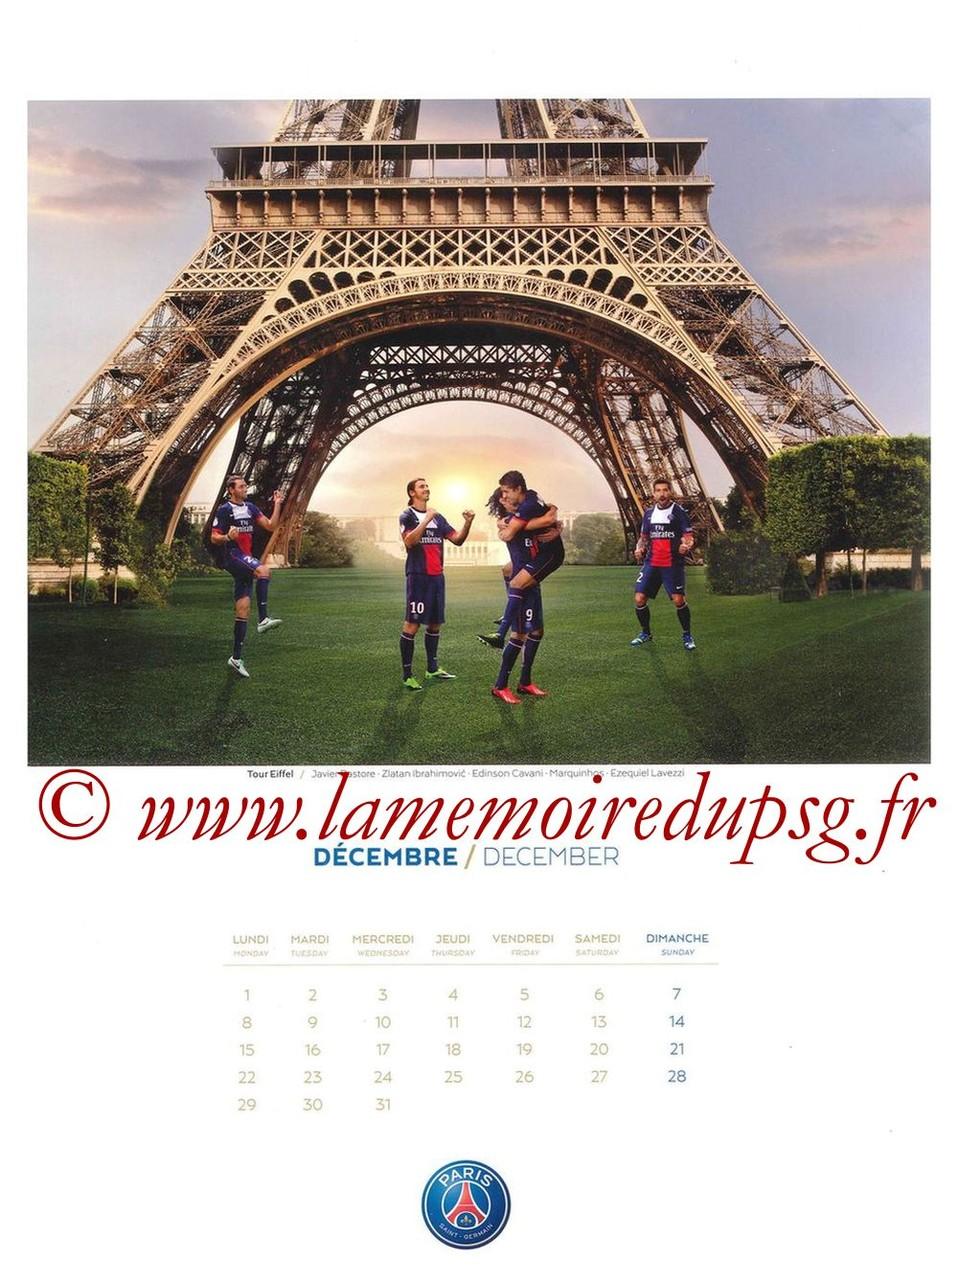 Calendrier PSG 2014 - Page 12 - Tour Eiffel